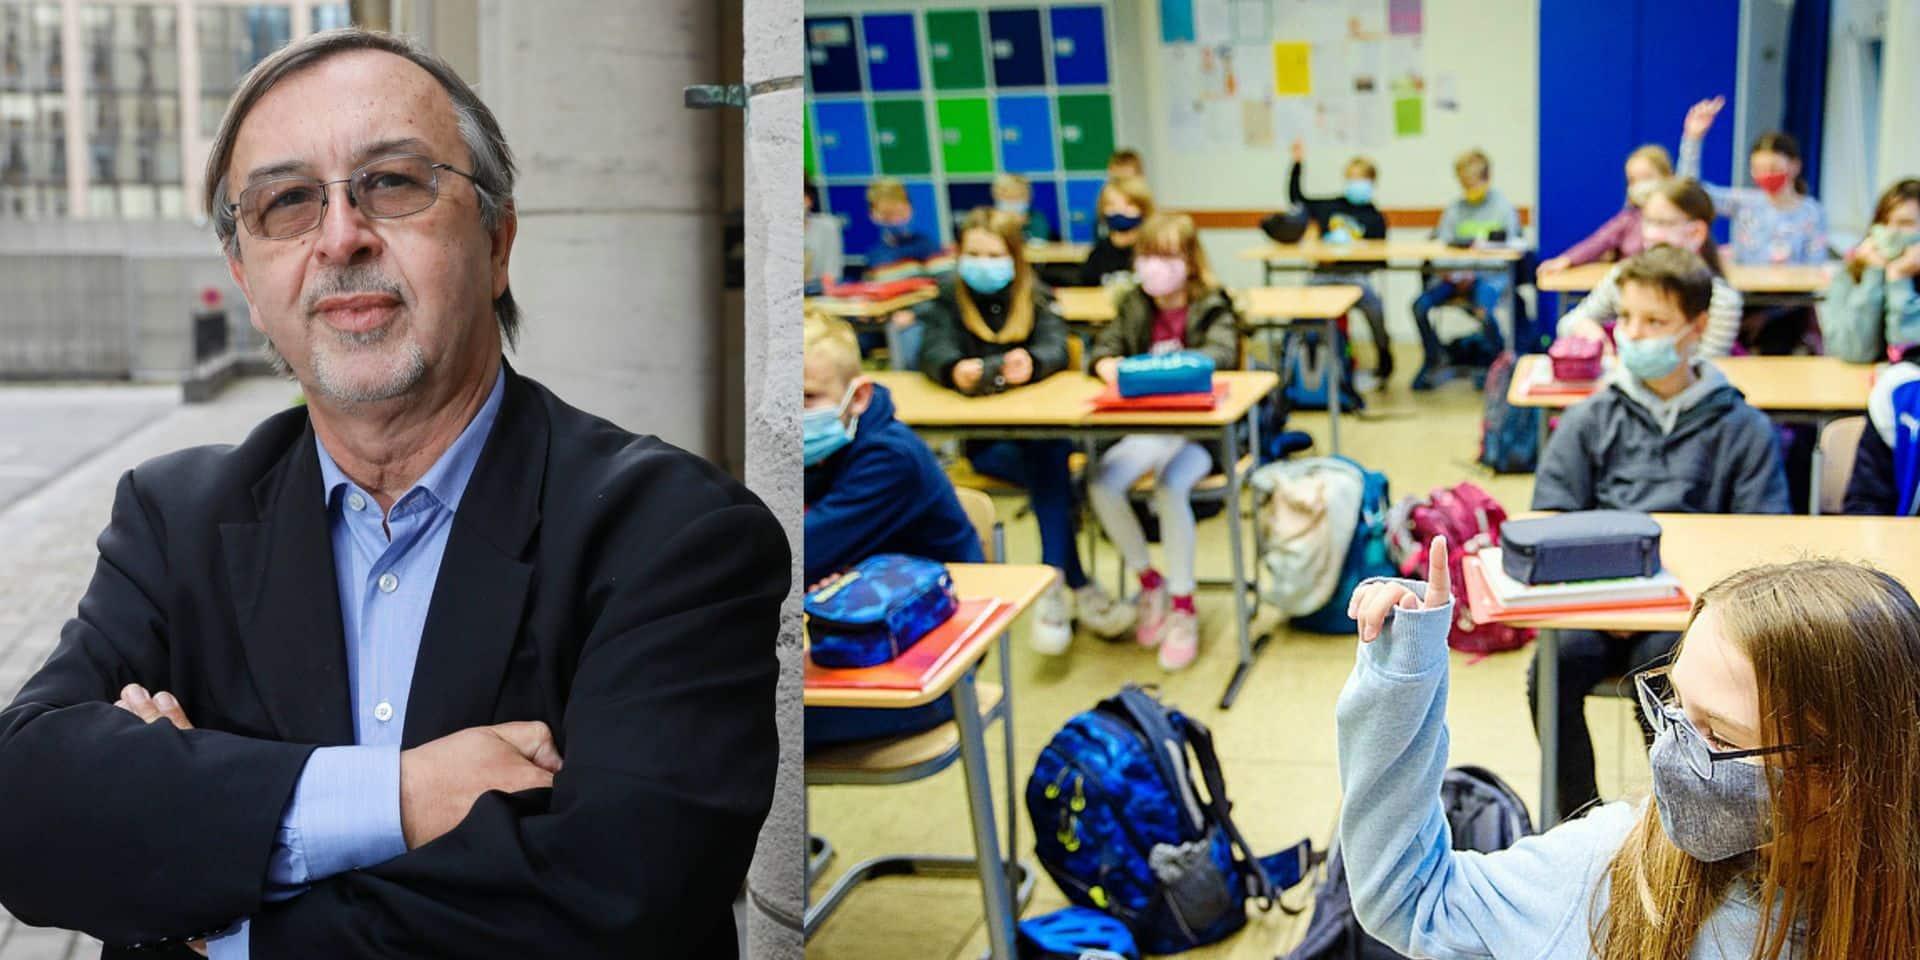 Fermer les écoles secondaires et le supérieur mais pas les primaires: Yves Van Laethem applaudit le fond, pas la forme